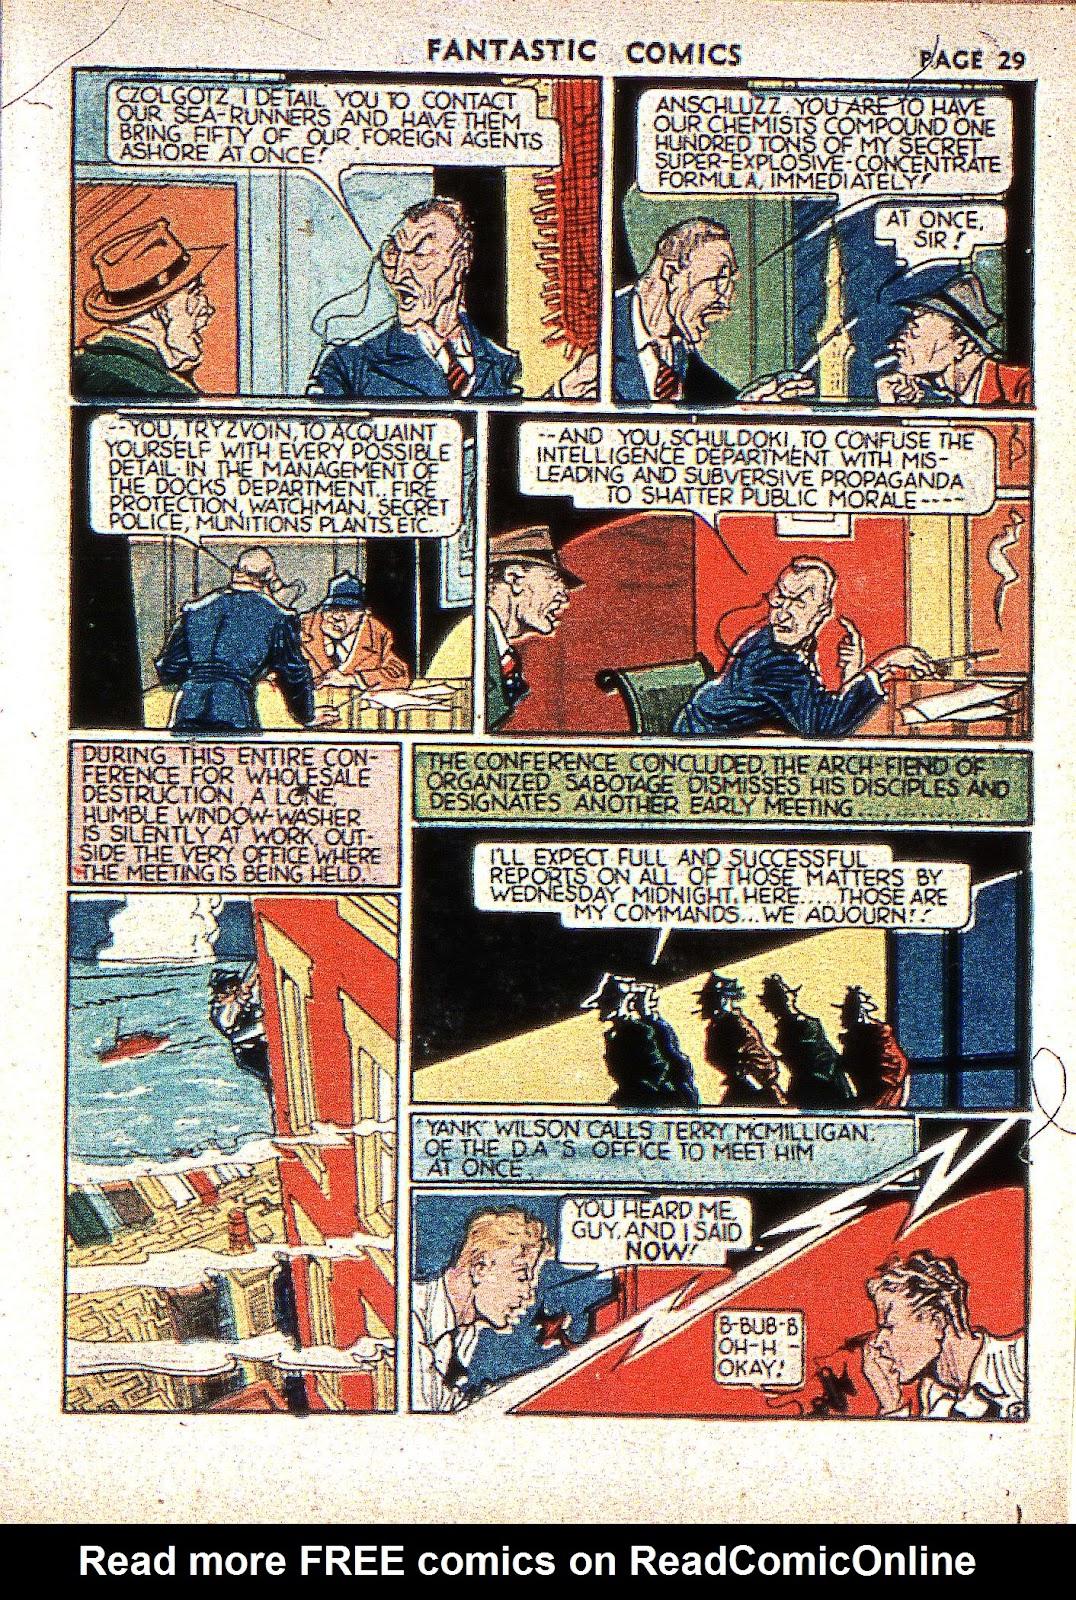 Read online Fantastic Comics comic -  Issue #2 - 31